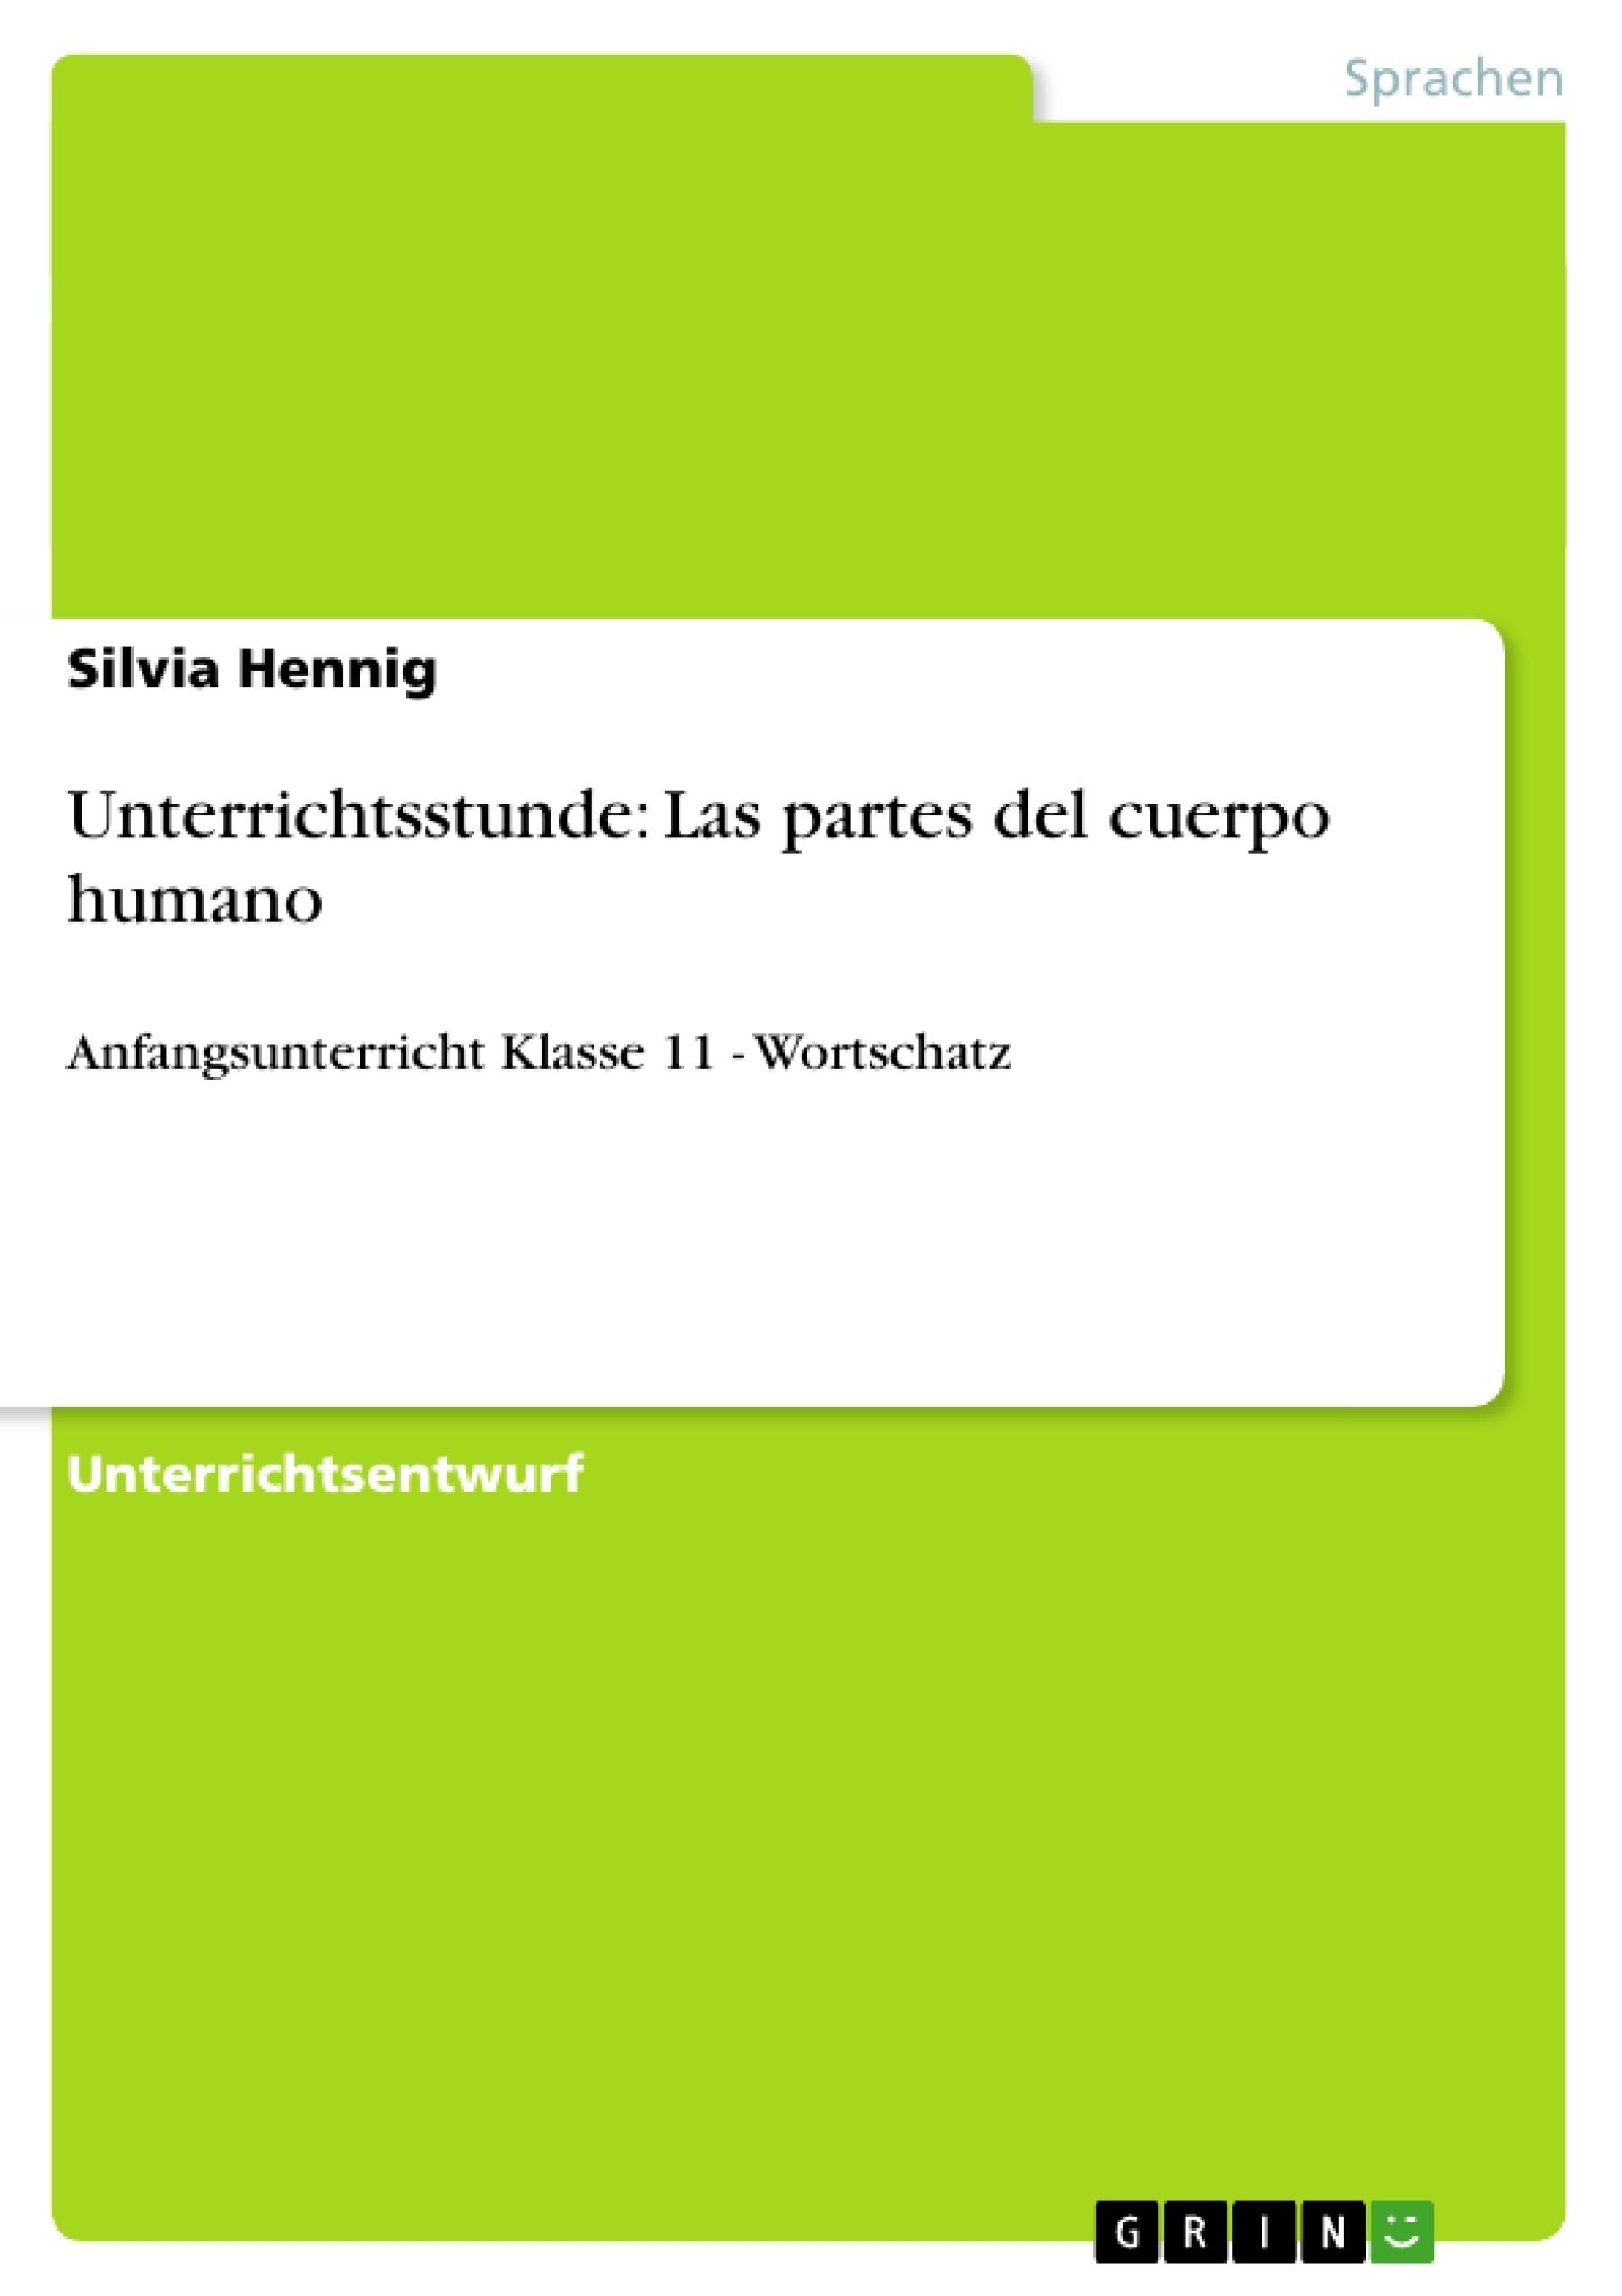 Unterrichtsstunde: Las partes del cuerpo humano | Hausarbeiten ...